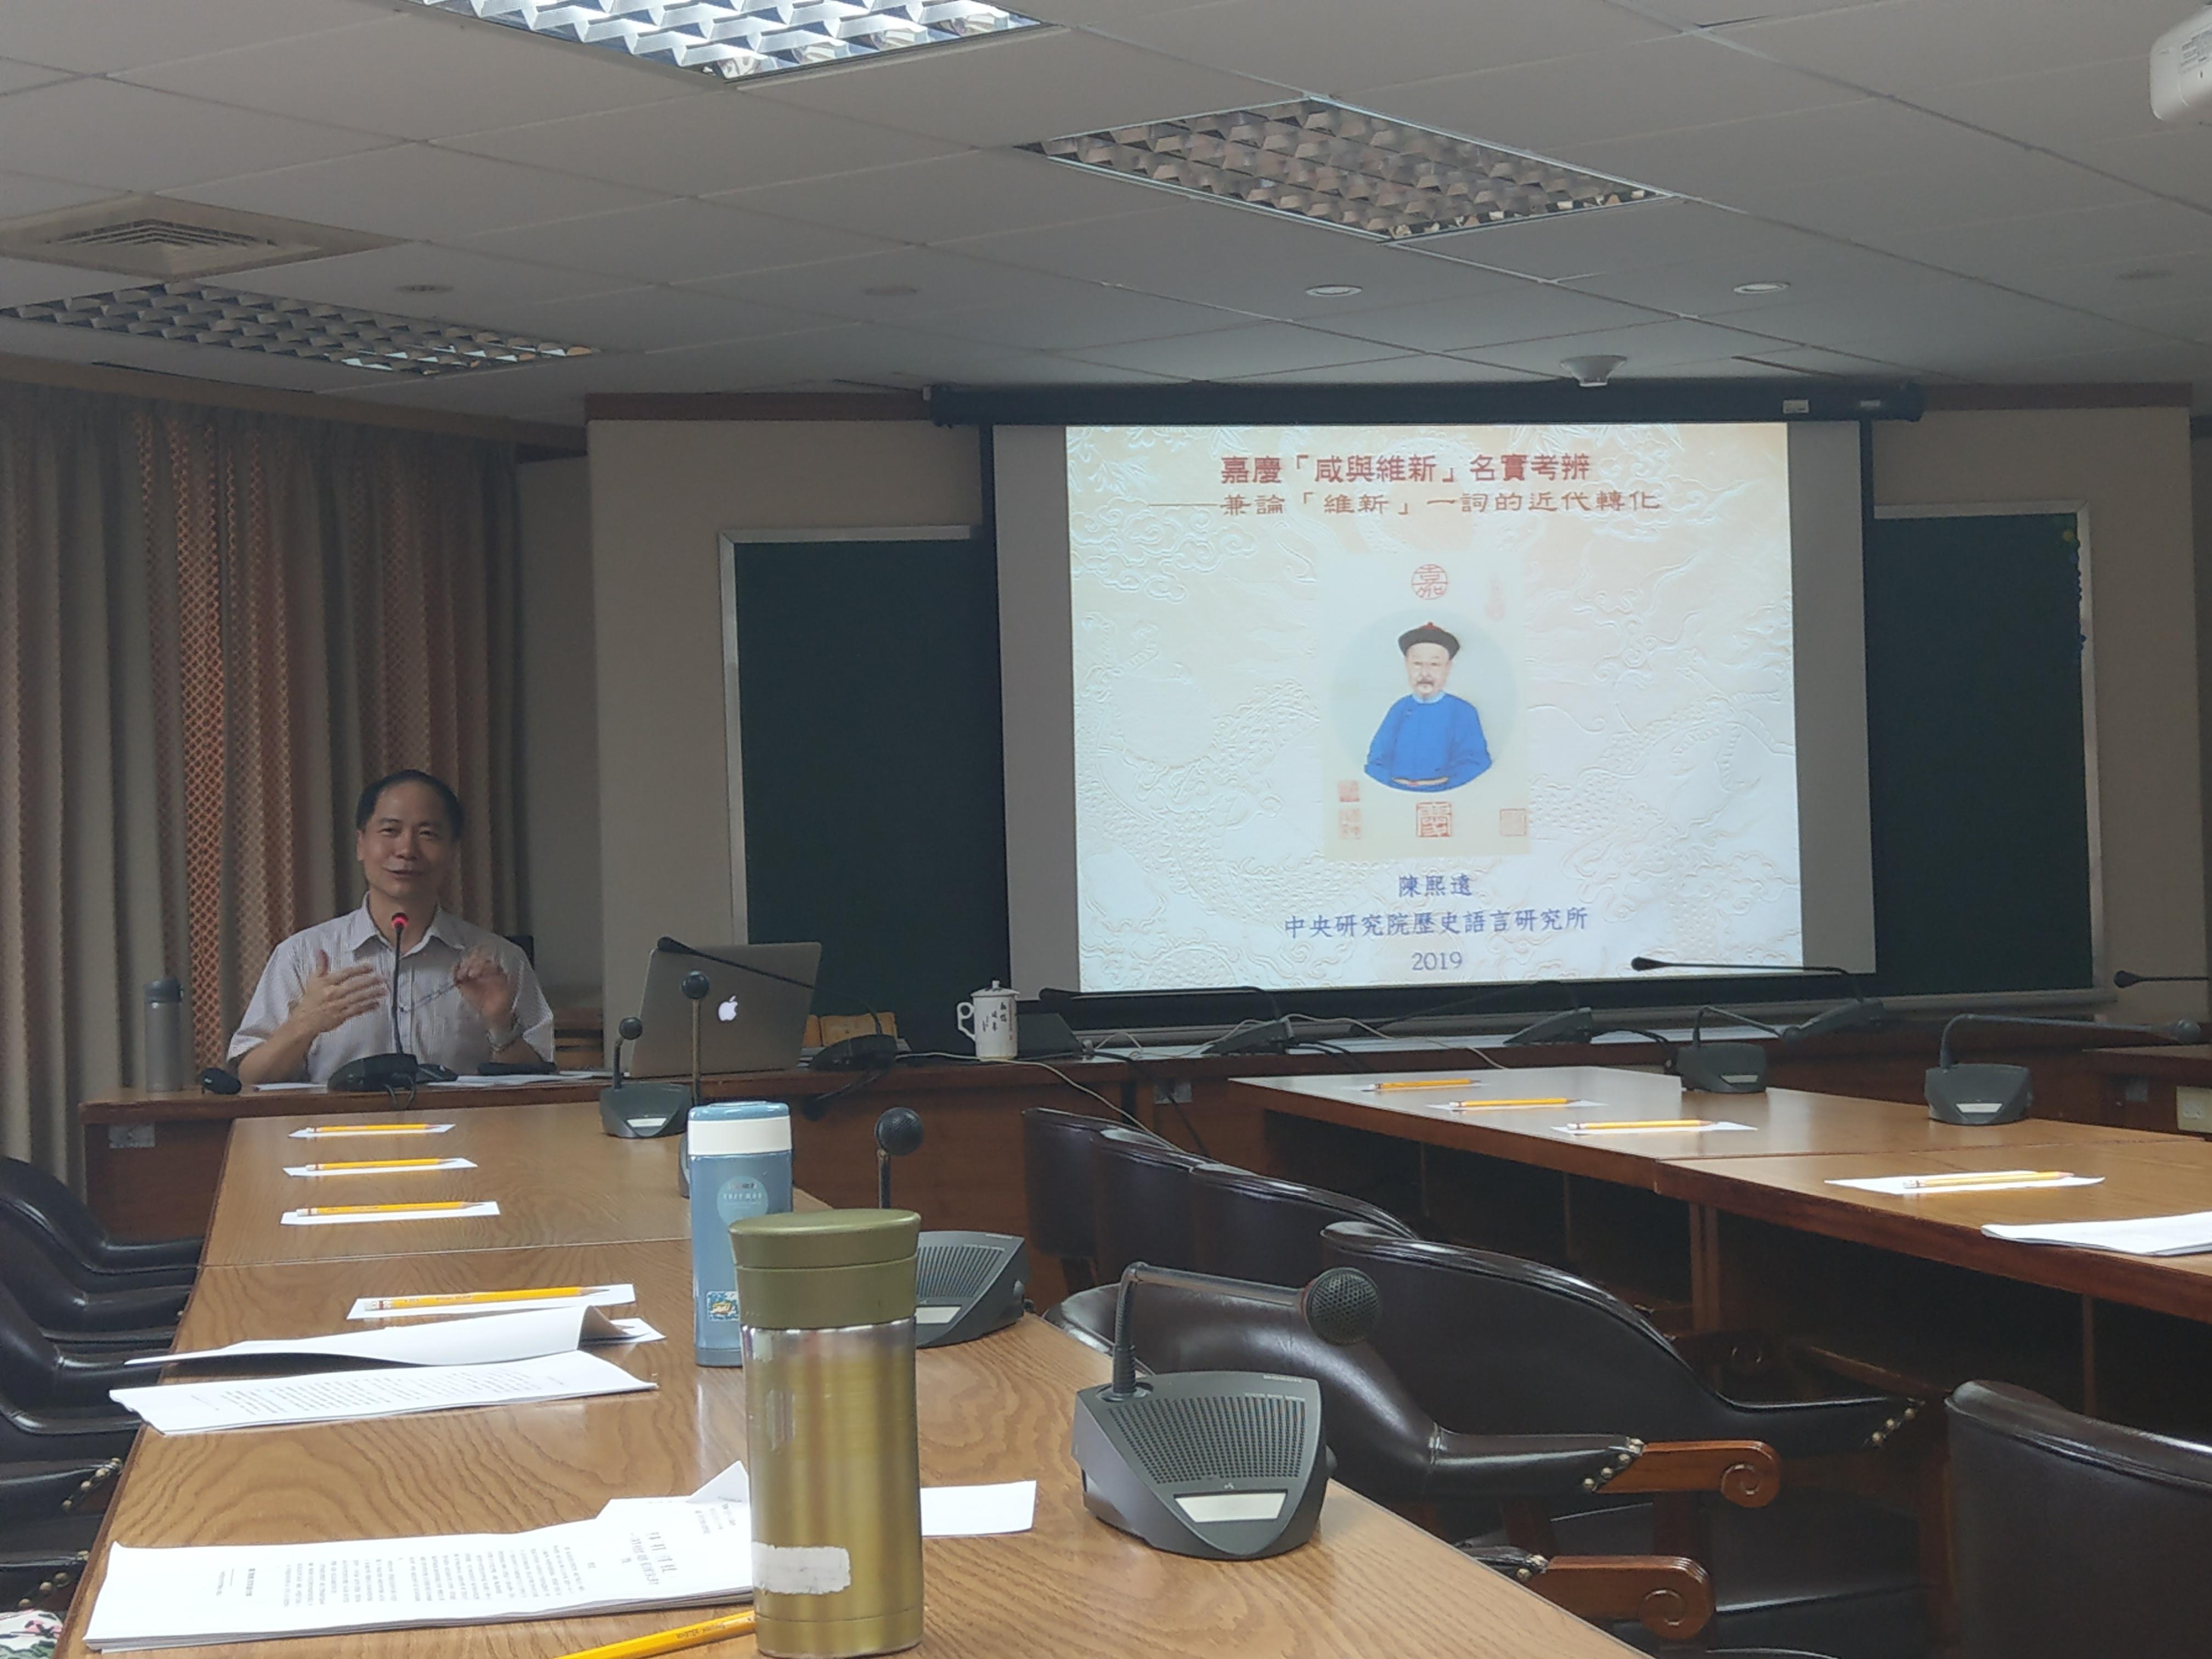 陳熙遠教授演講「清政權的交替與轉折二題」紀要